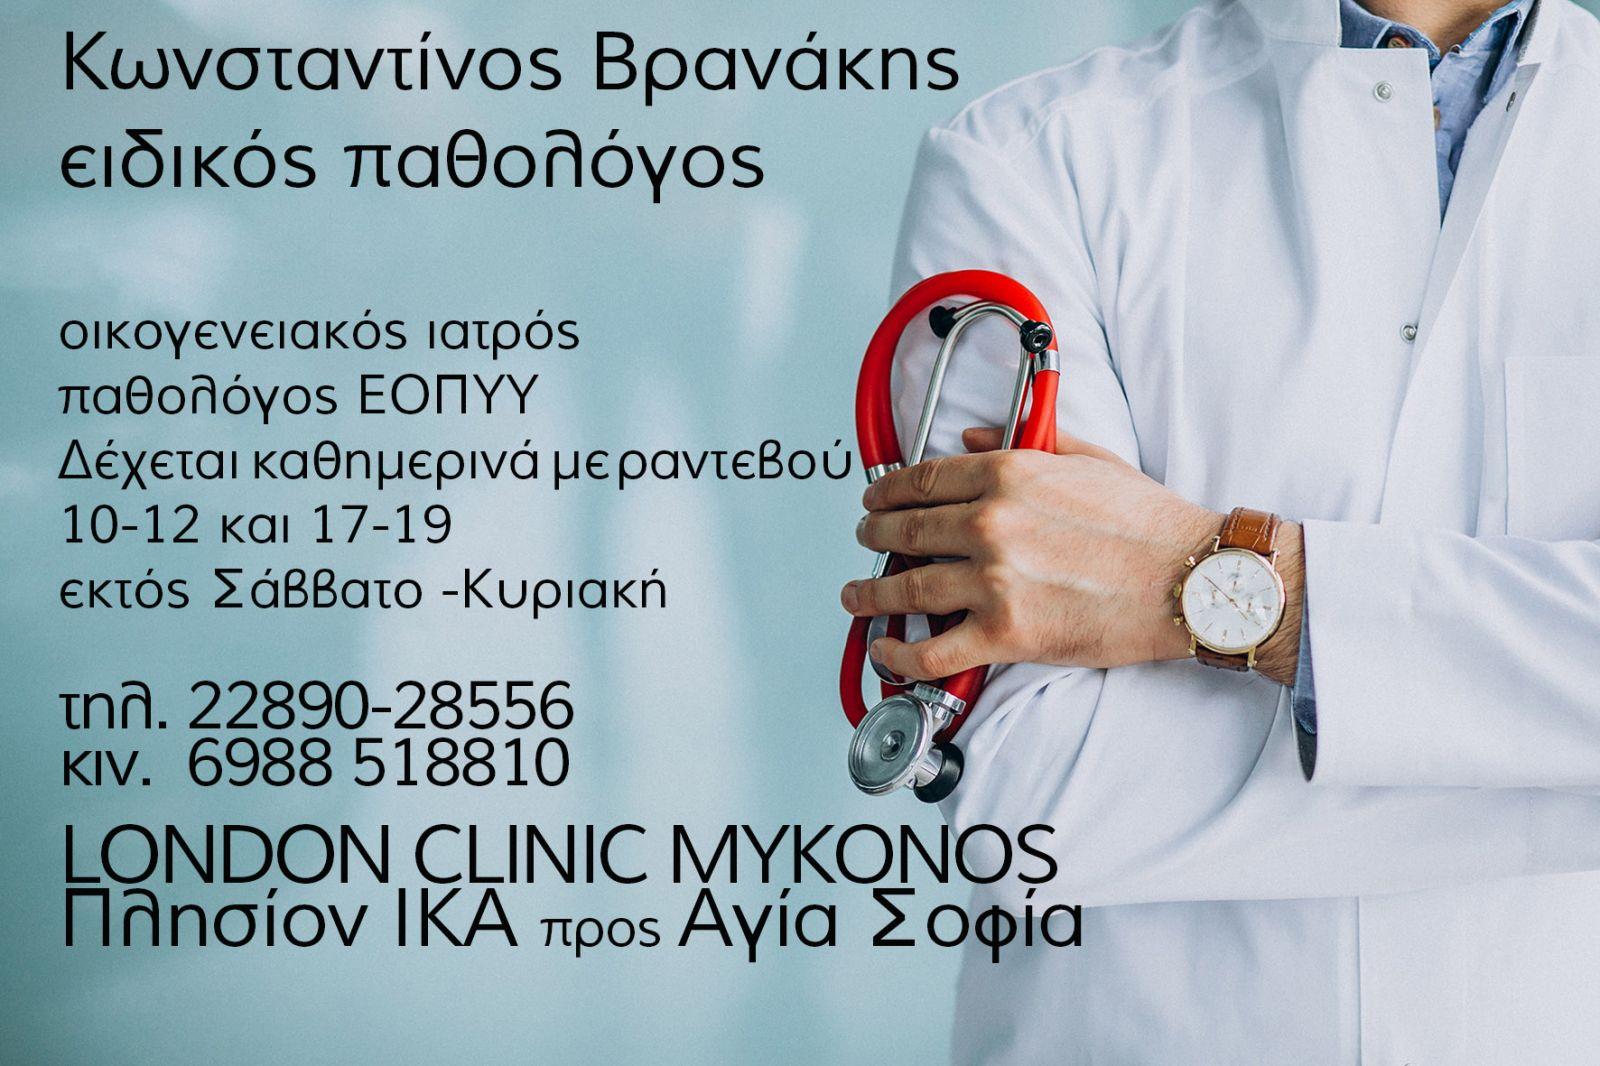 Οικογενειακός Γιατρός